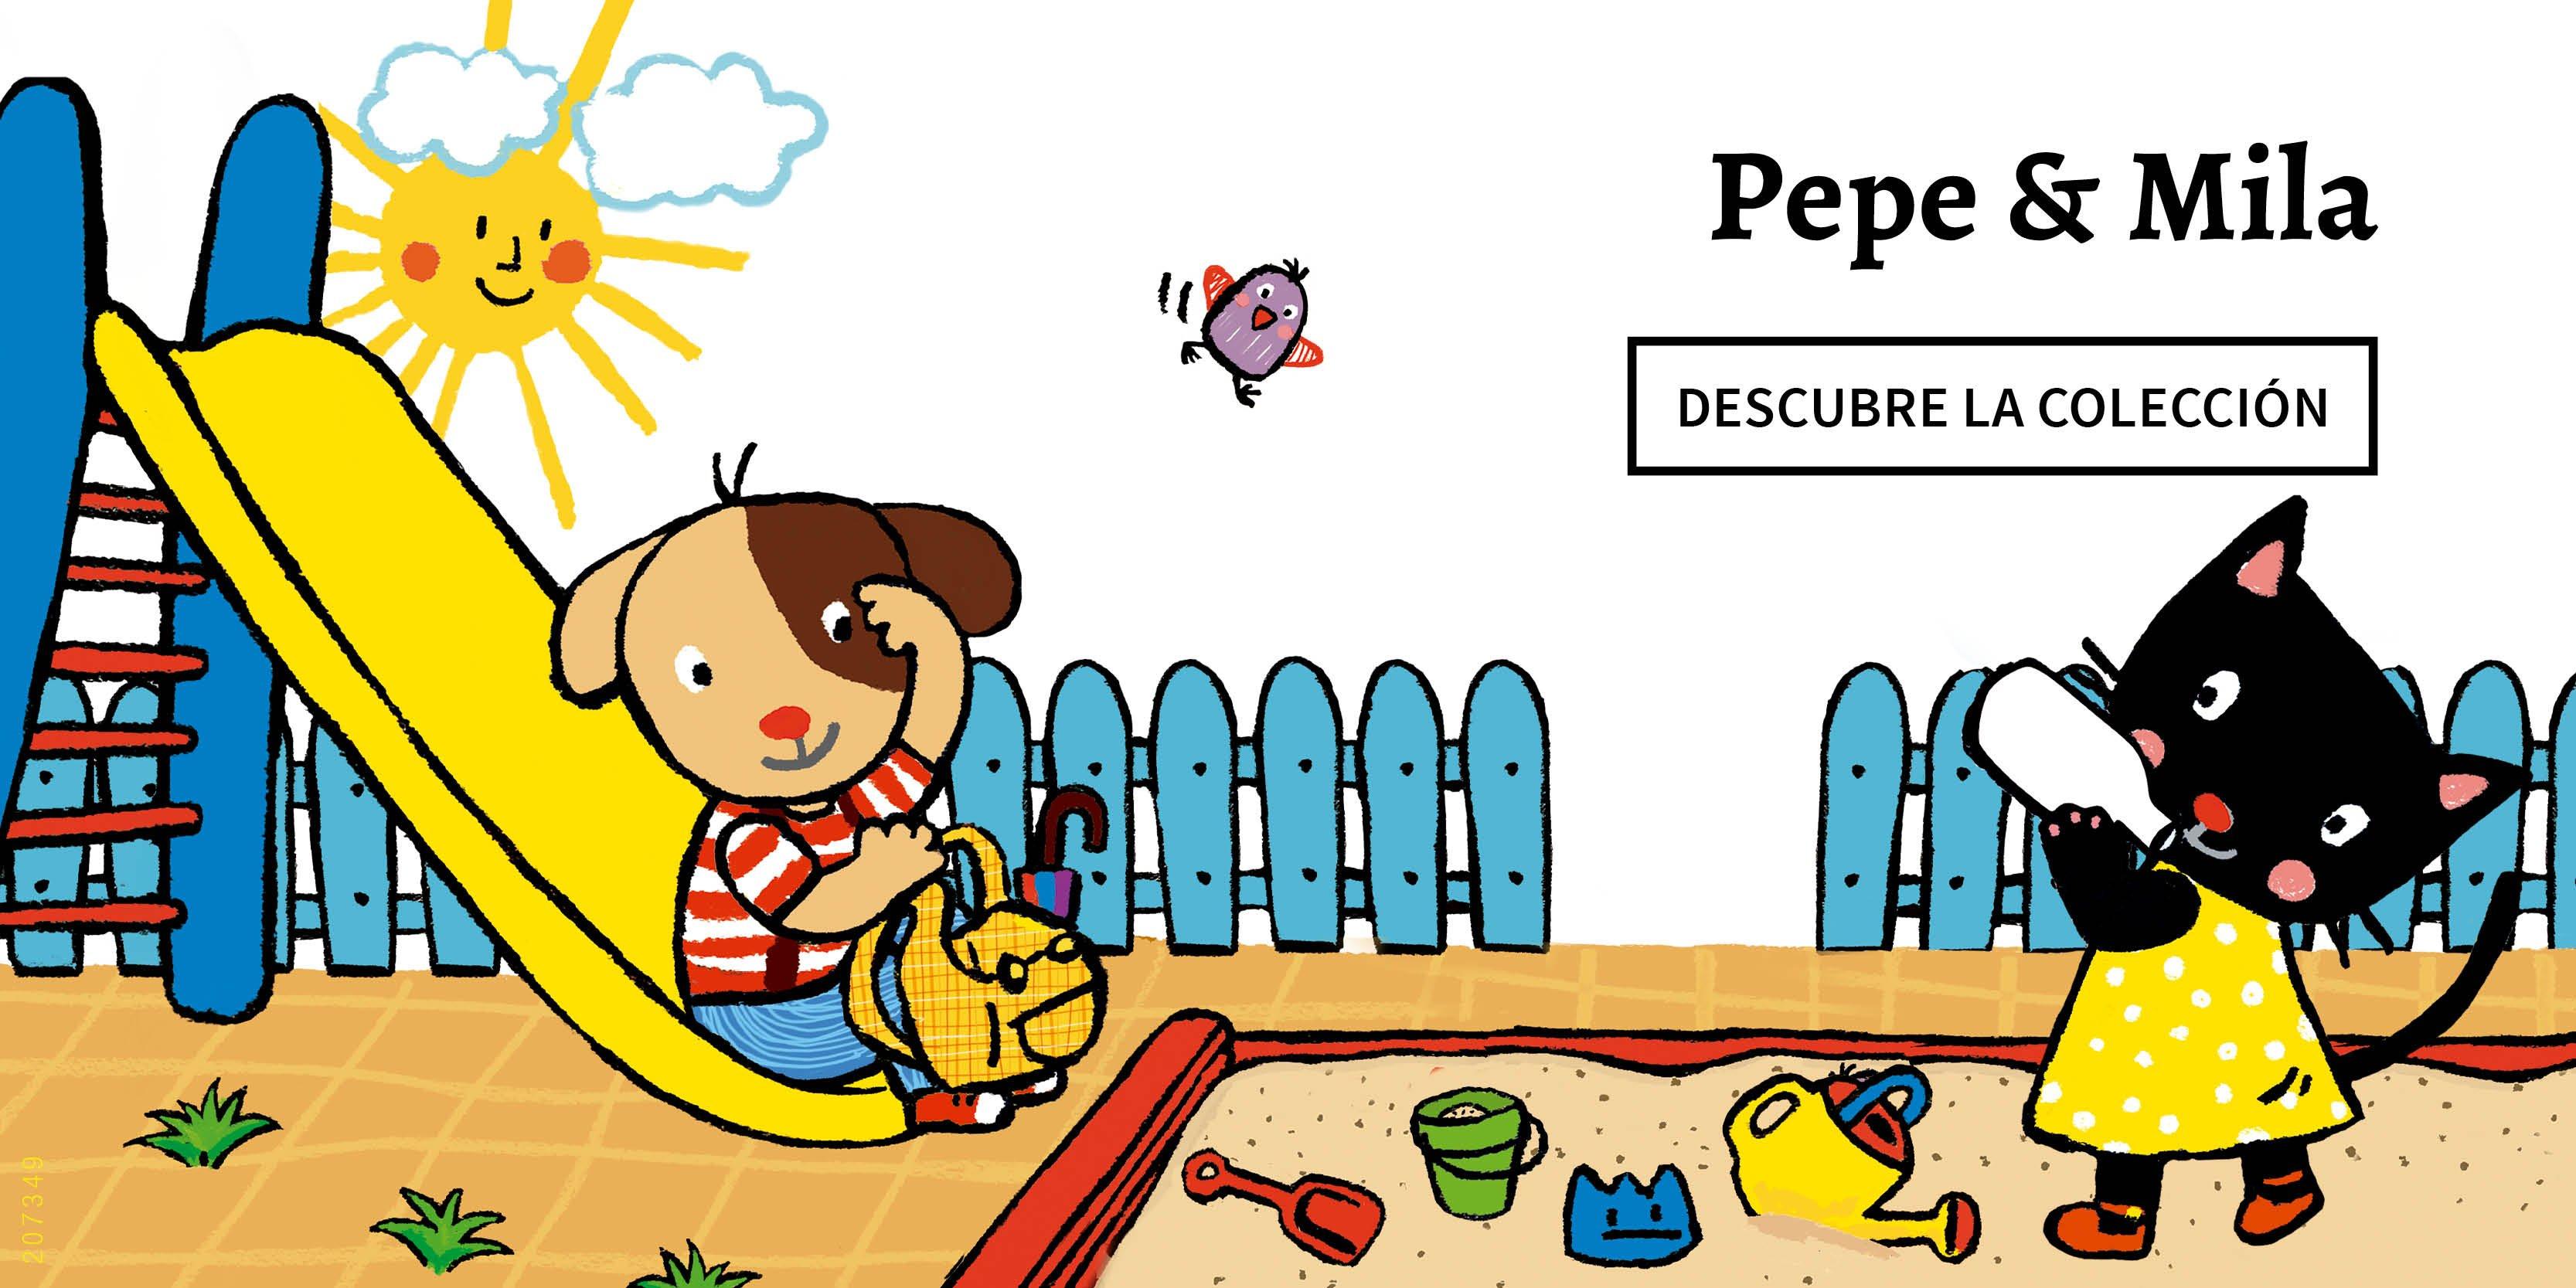 Colección Pepe y Mila